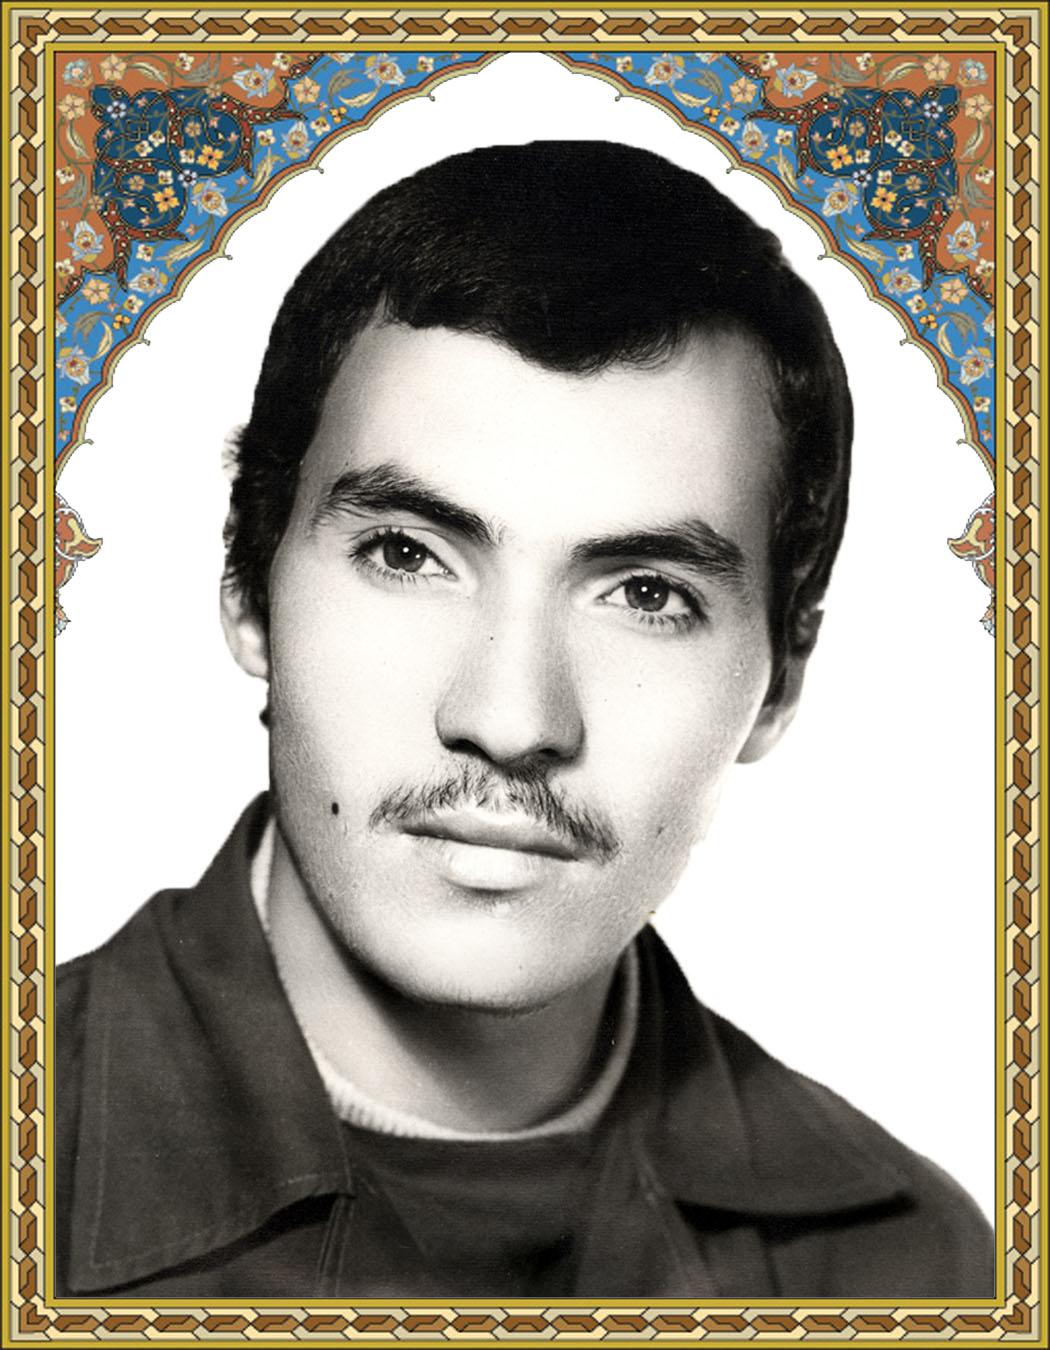 شهید سید مصطفی سجادی نژاد